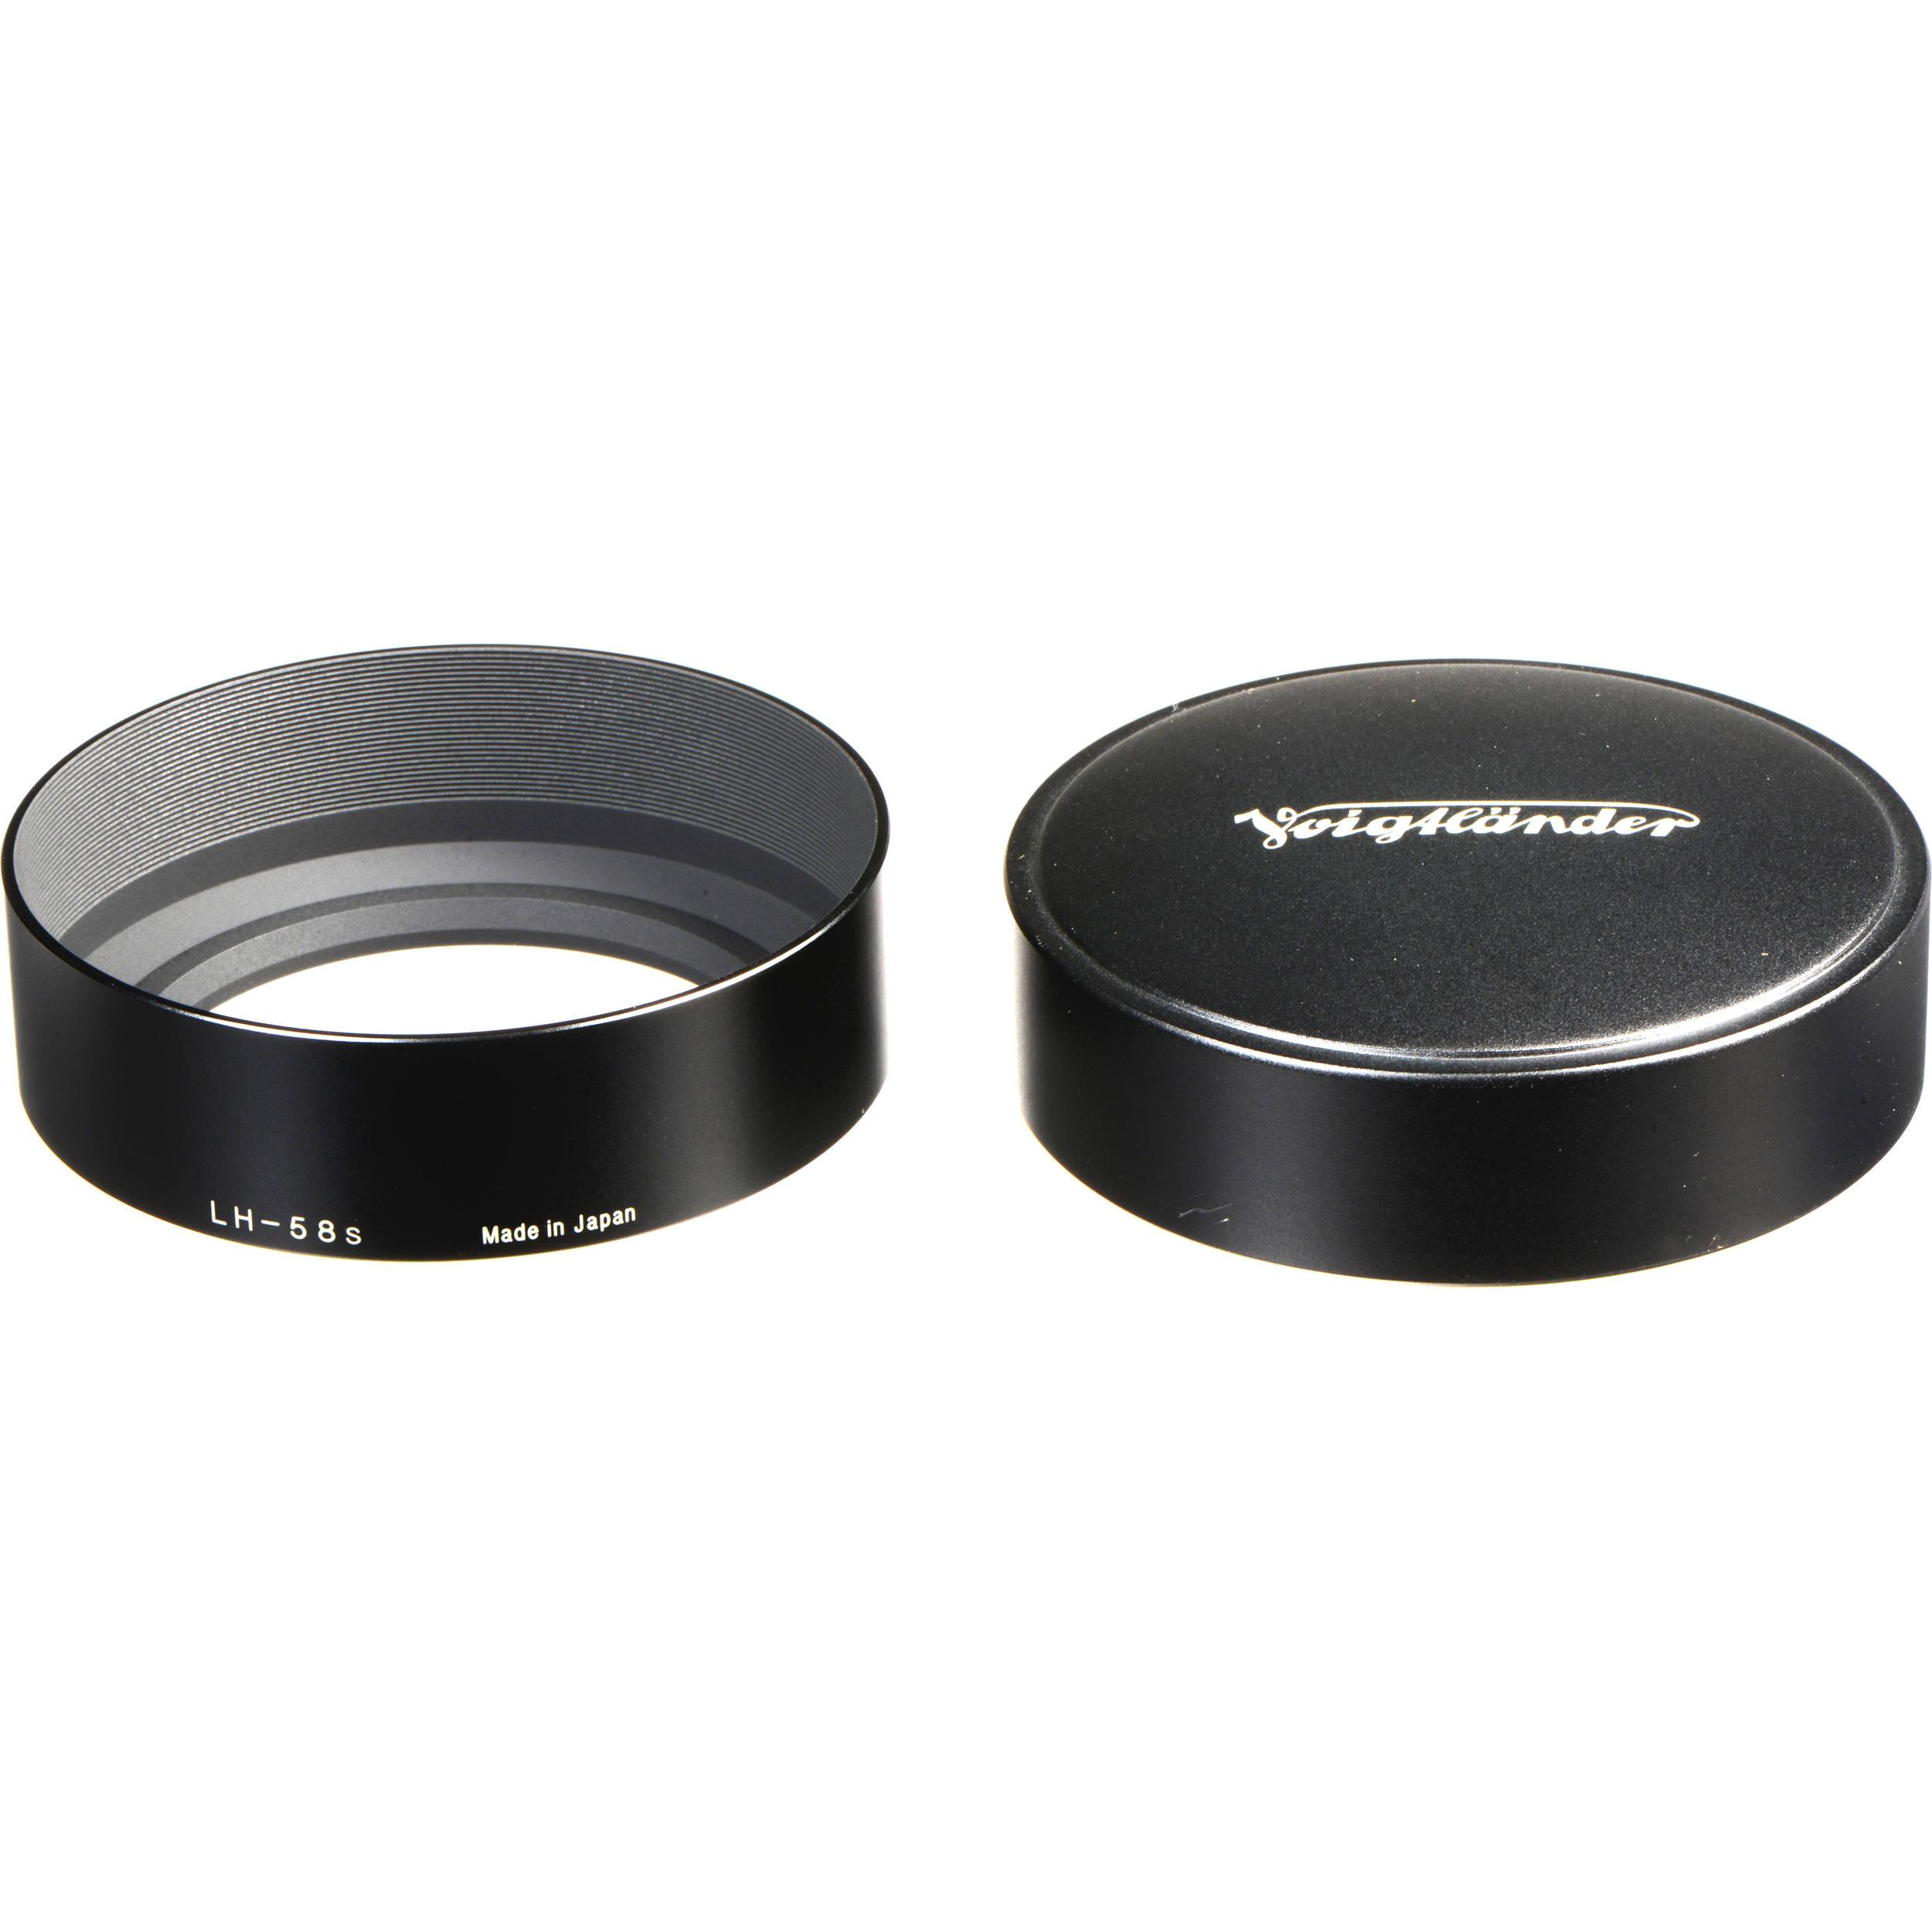 Lens Hood Metal Universal 58mm black for Voigtländer Nokton 58mm F1,4 SLII